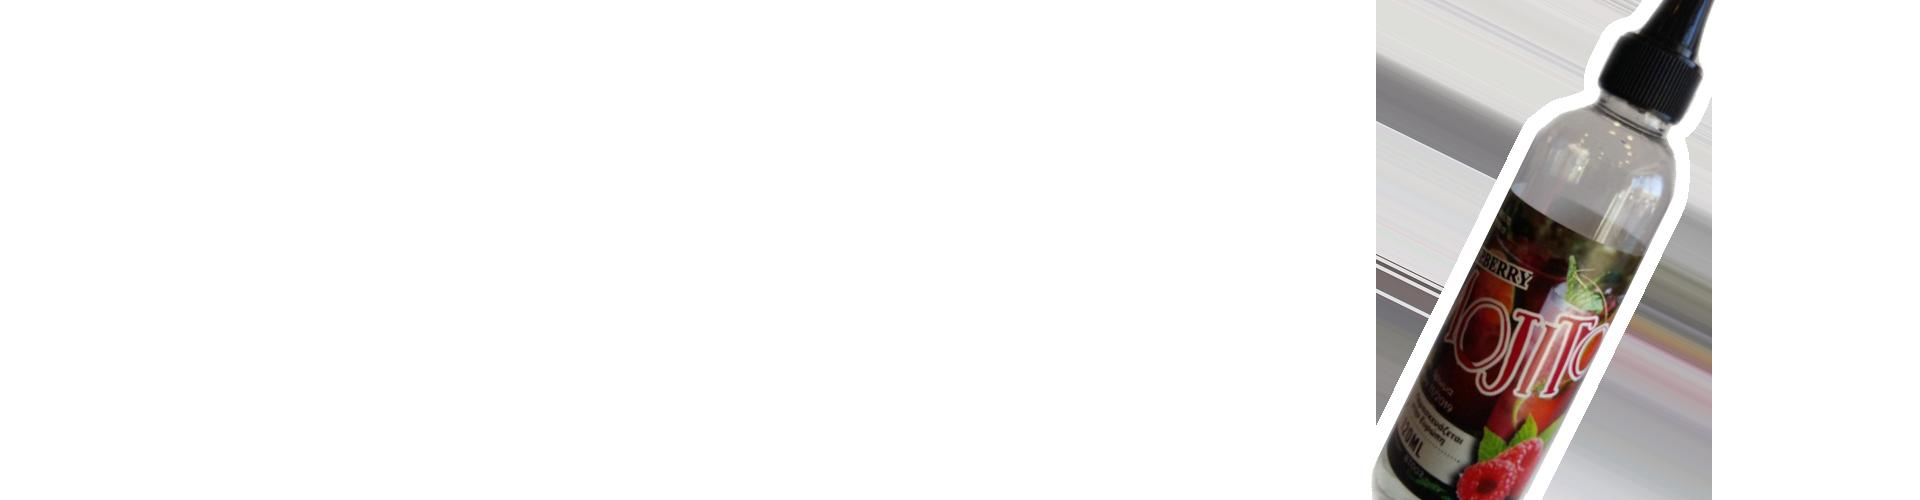 ΟΛΑ ΤΑ SHAKE AND VAPE <br>60ML ΟΛΩΝ ΤΩΝ ΕΤΑΙΡΕΙΩΝ